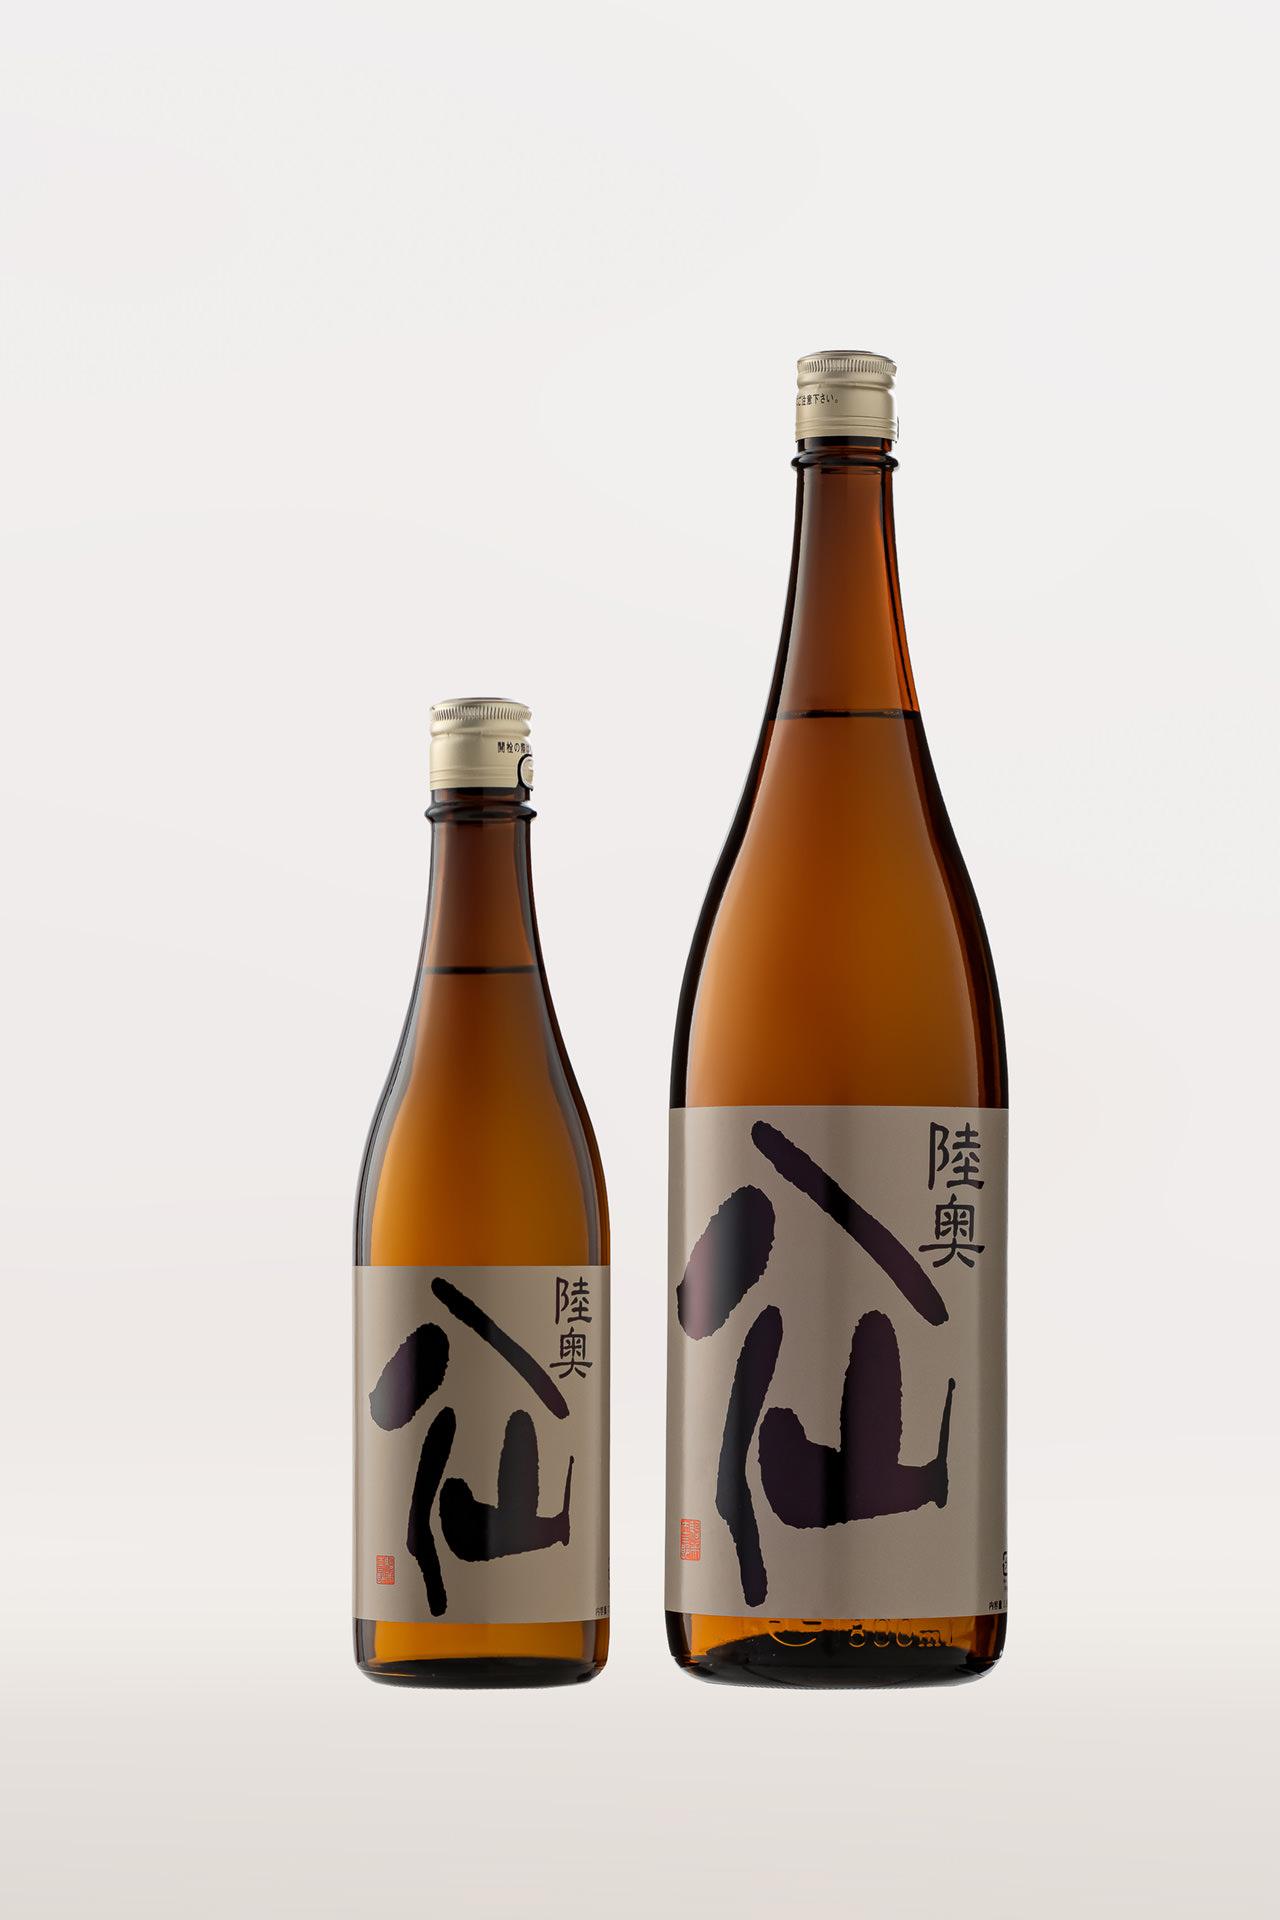 陸奧八仙 黑八仙純米吟釀(生/火入)